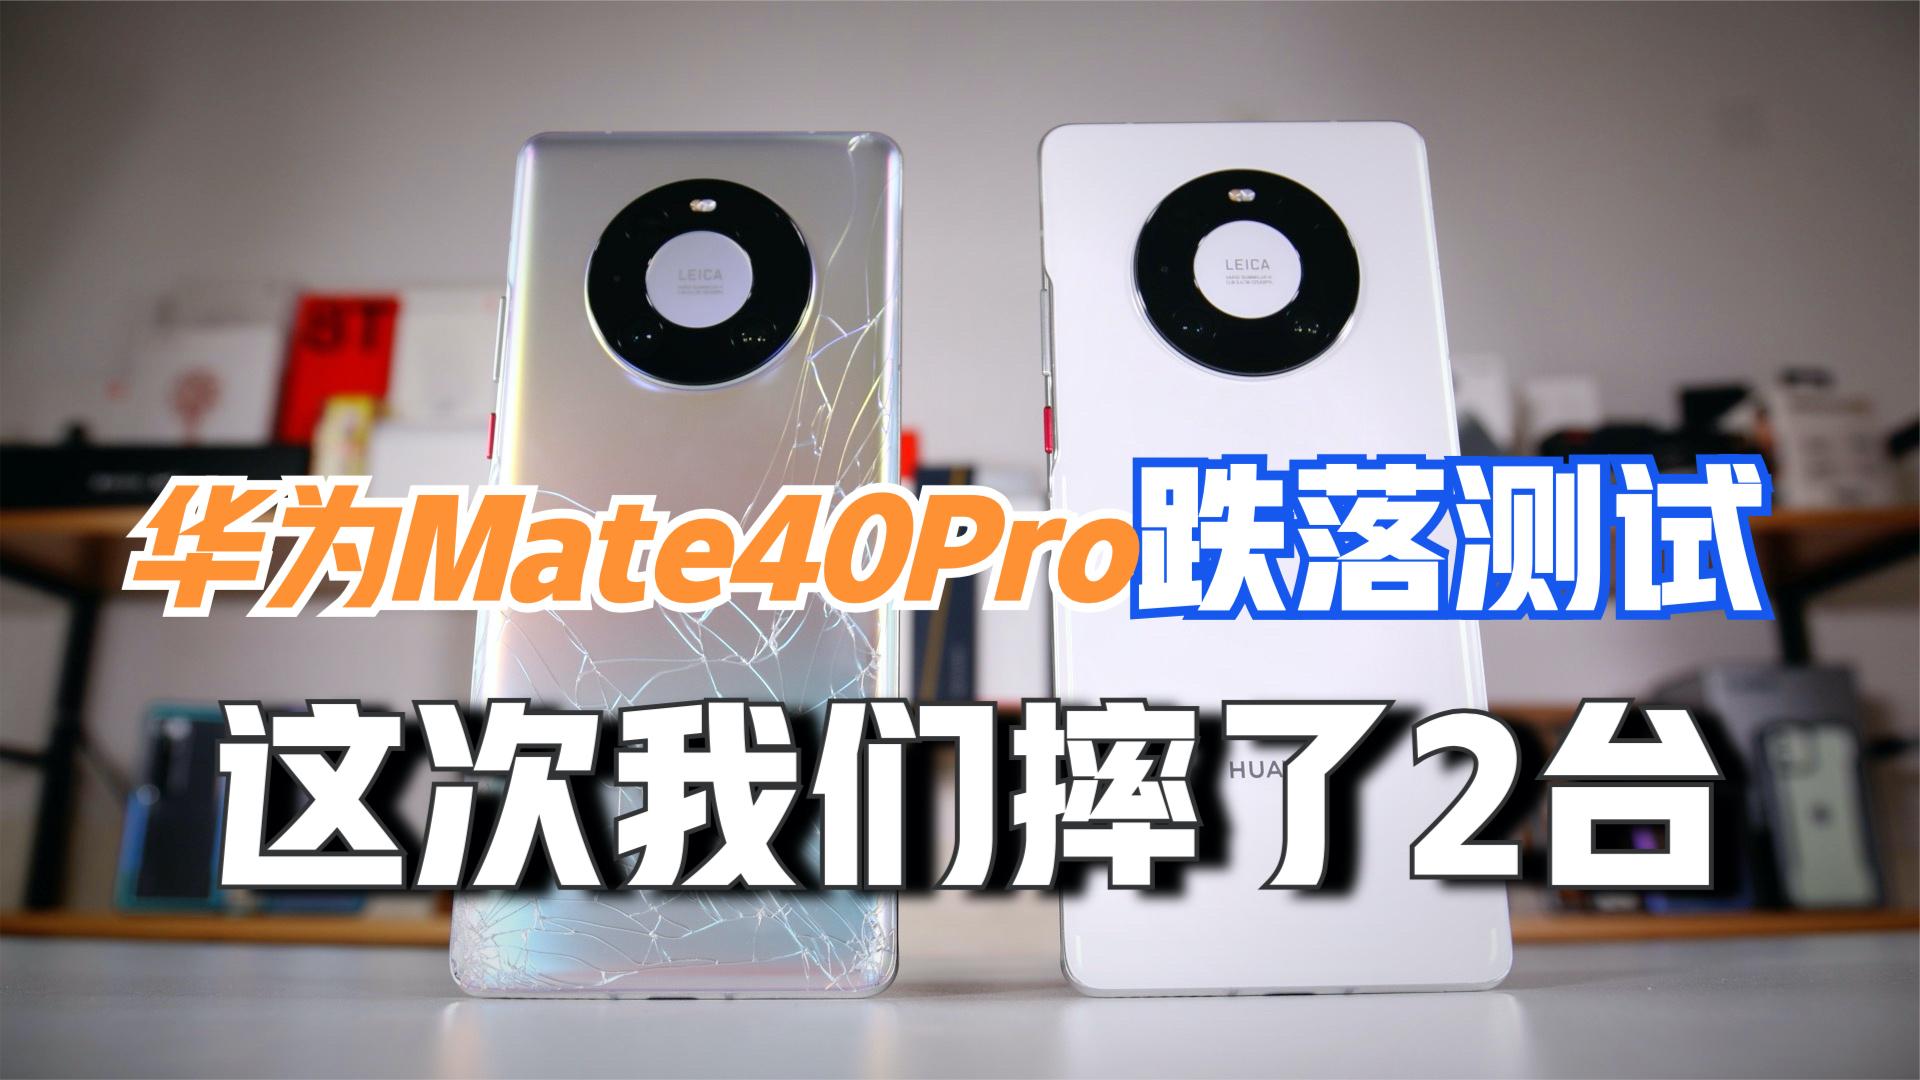 来了!华为Mate40Pro跌落测试,这次我们摔了两台全新手机!【新评科技】